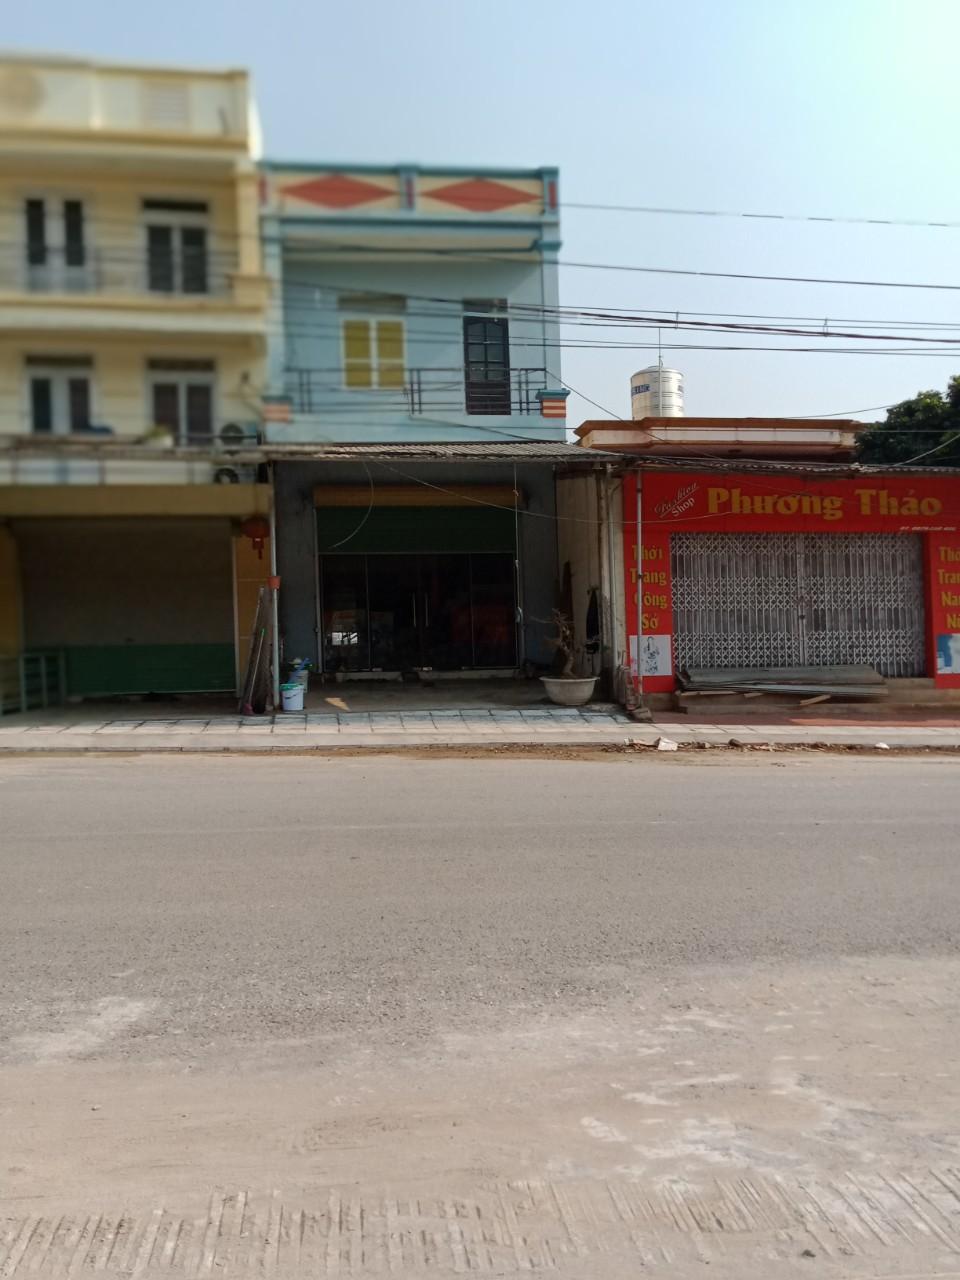 Chính chủ cần bán đất và nhà ở huyện Tam Đảo, tỉnh Vĩnh Phúc - Ảnh chính